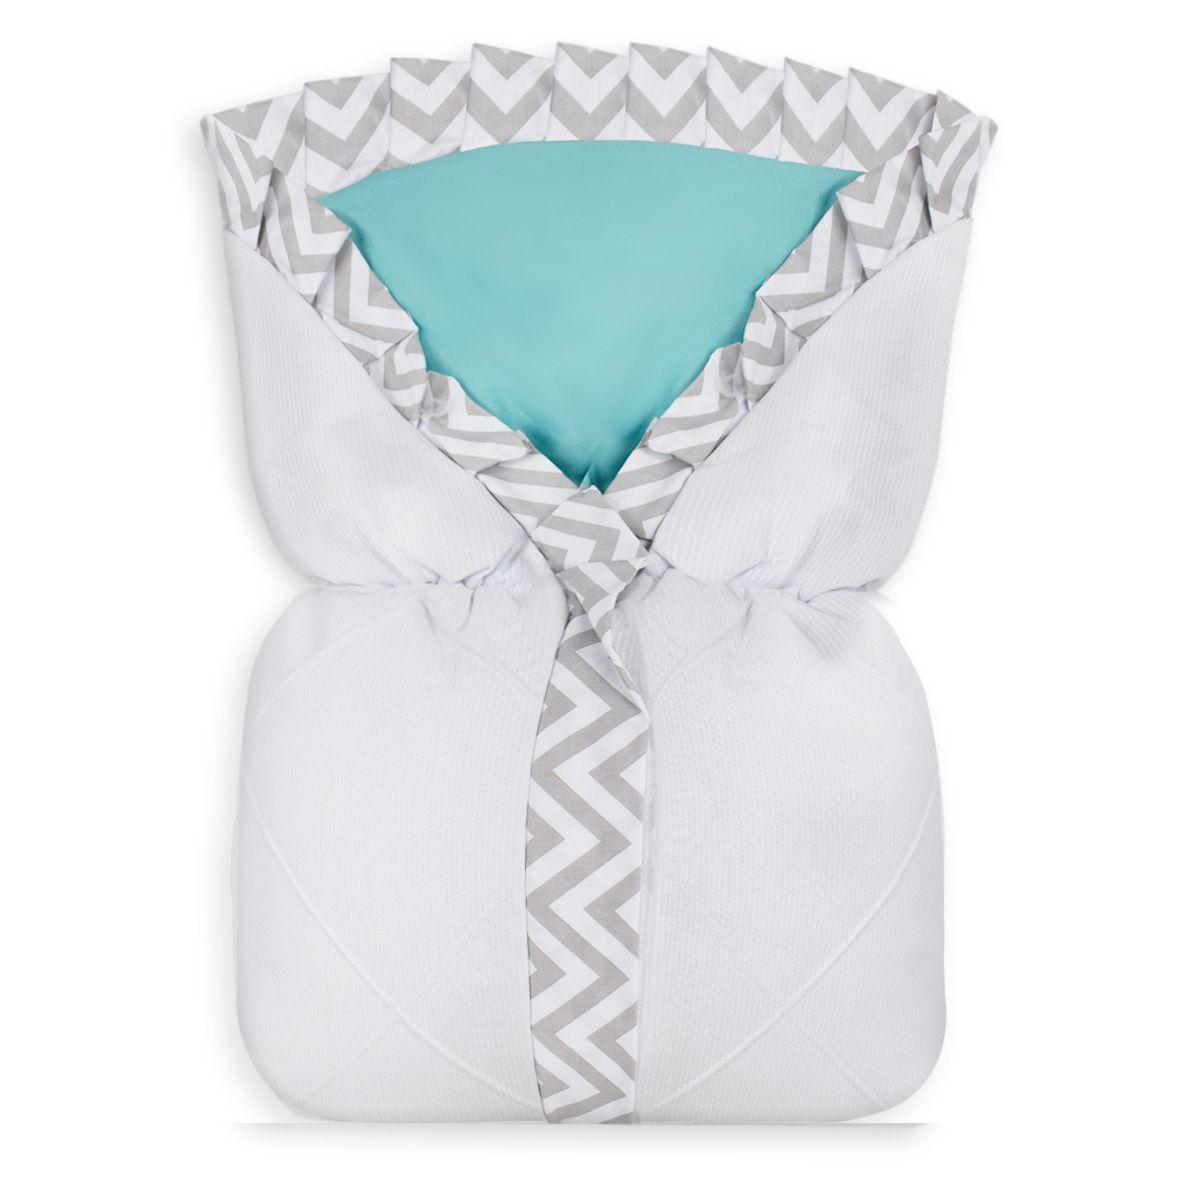 Saco de Bebê Nervura - Chevron Tiffany